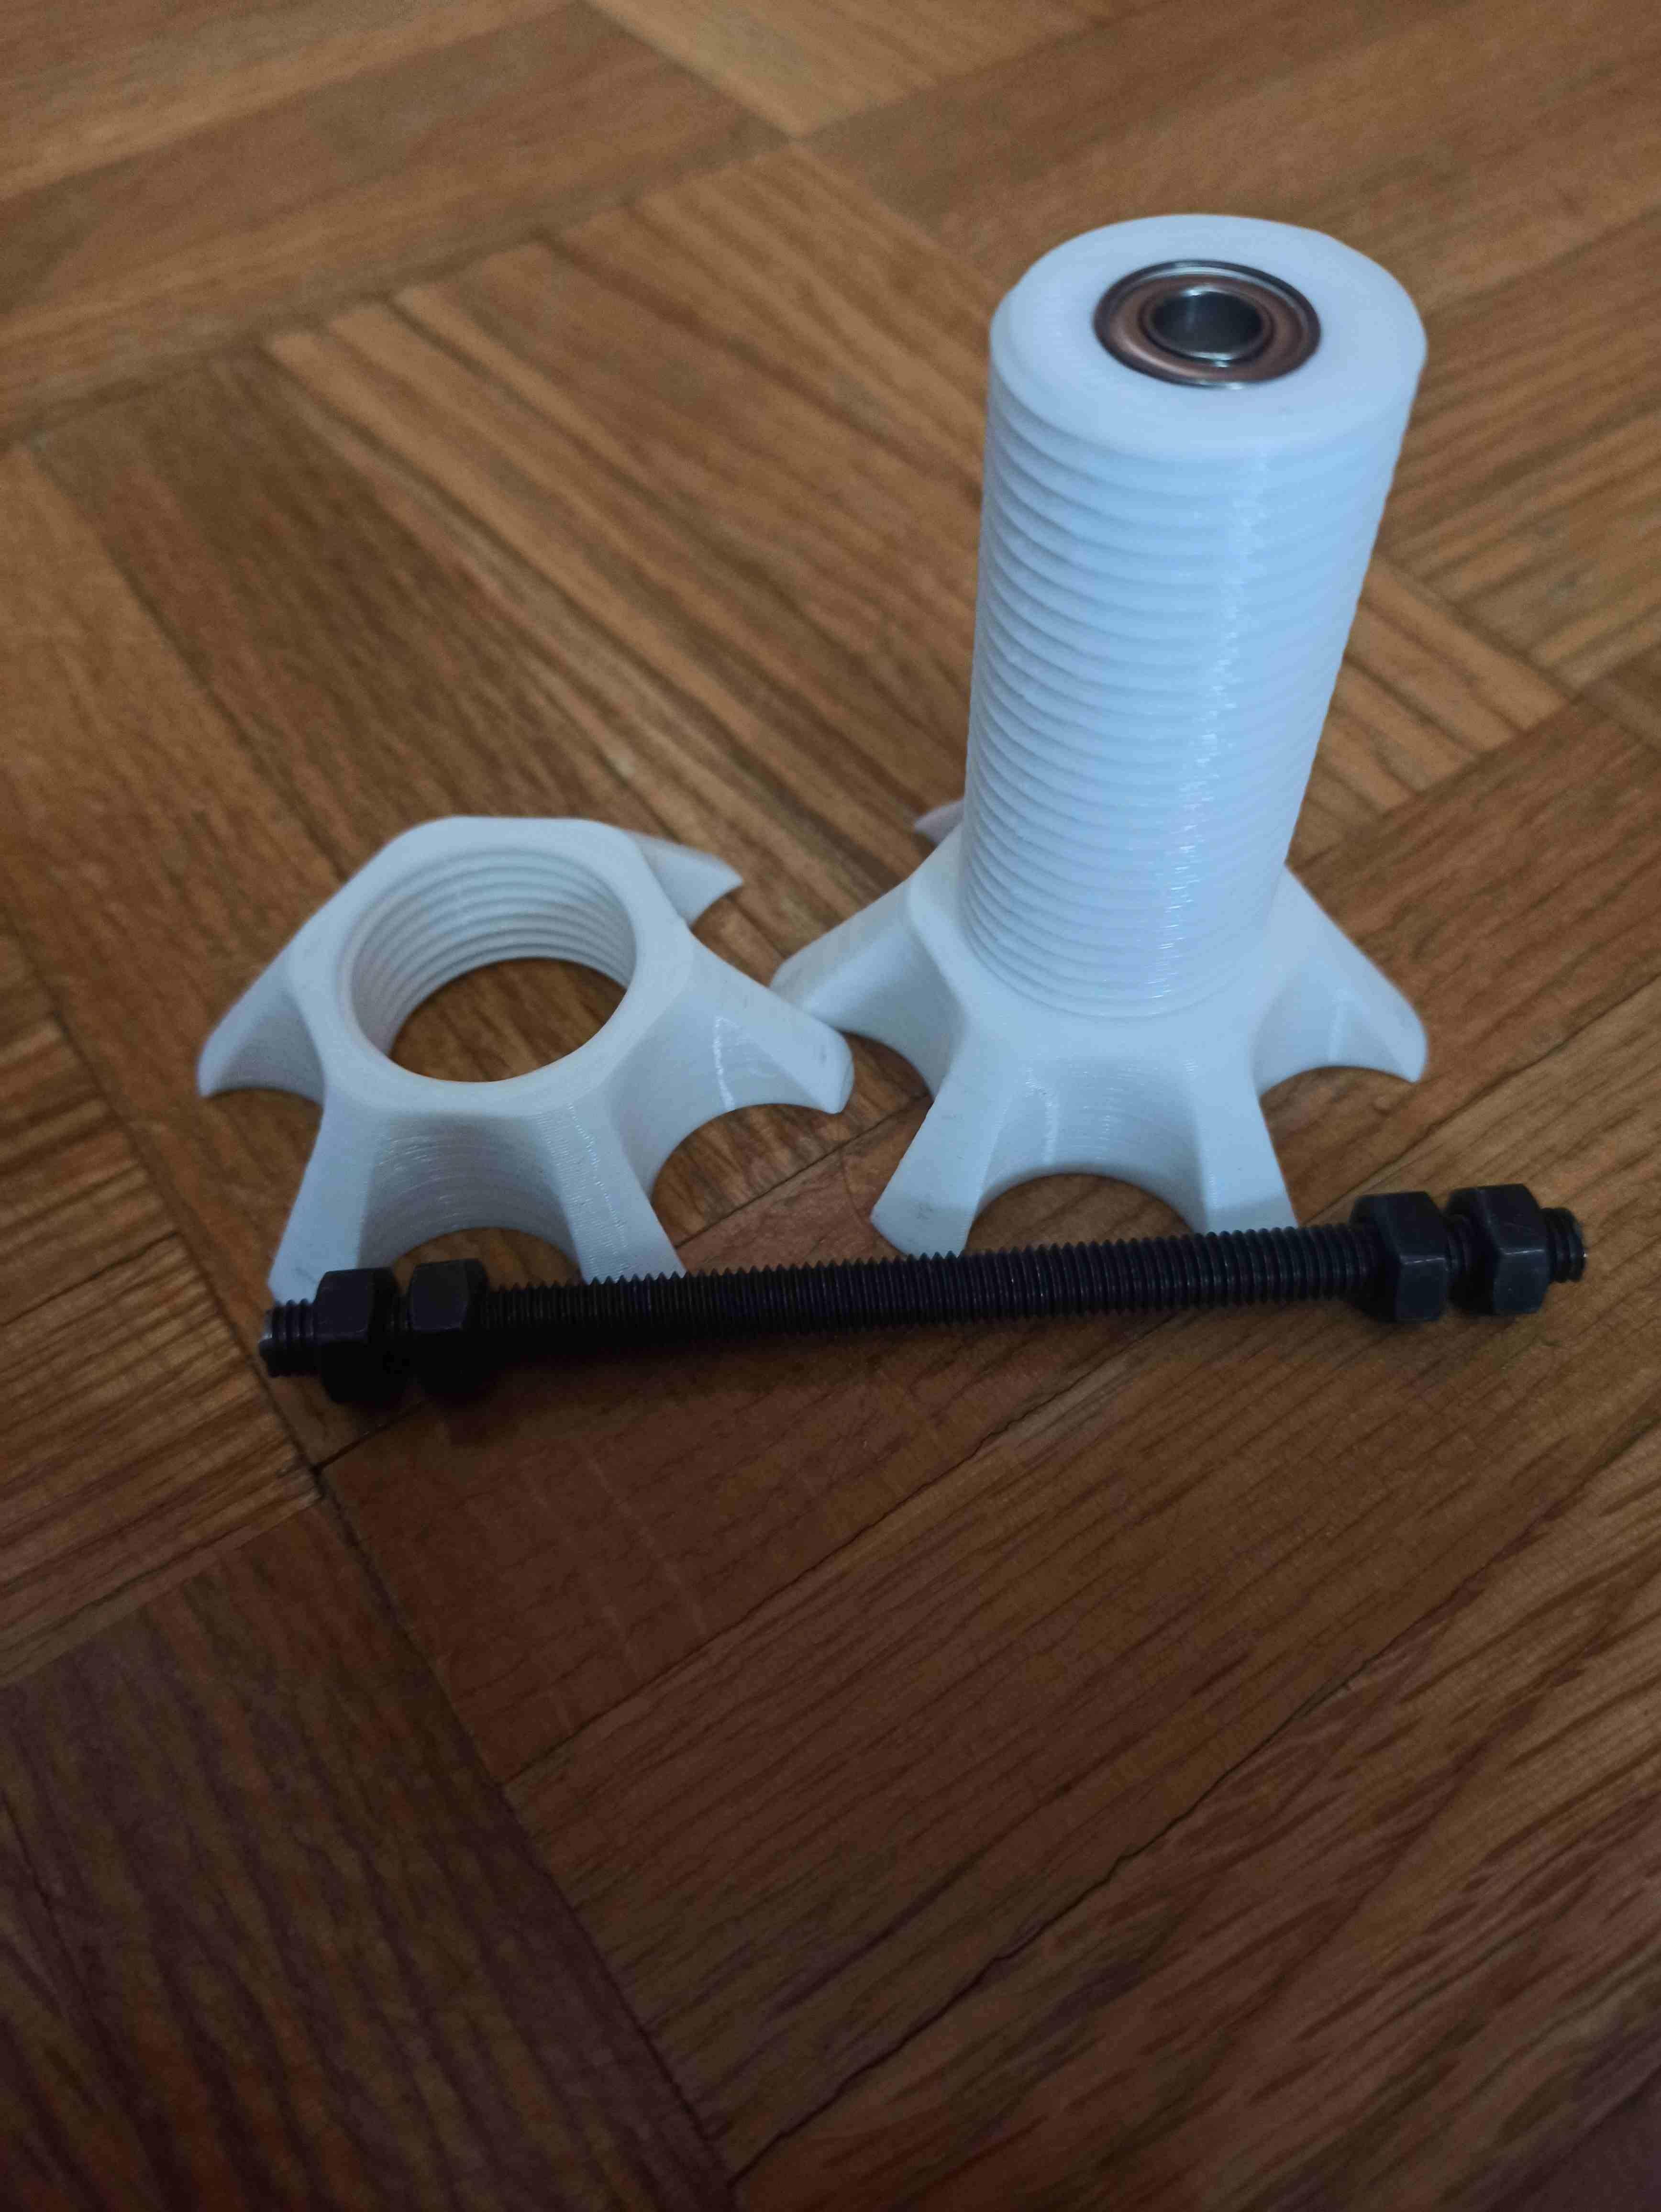 image-4-compressed.jpg Télécharger fichier STL gratuit Soporte rollos filamento / Porte-bobine • Plan à imprimer en 3D, adrihernan107